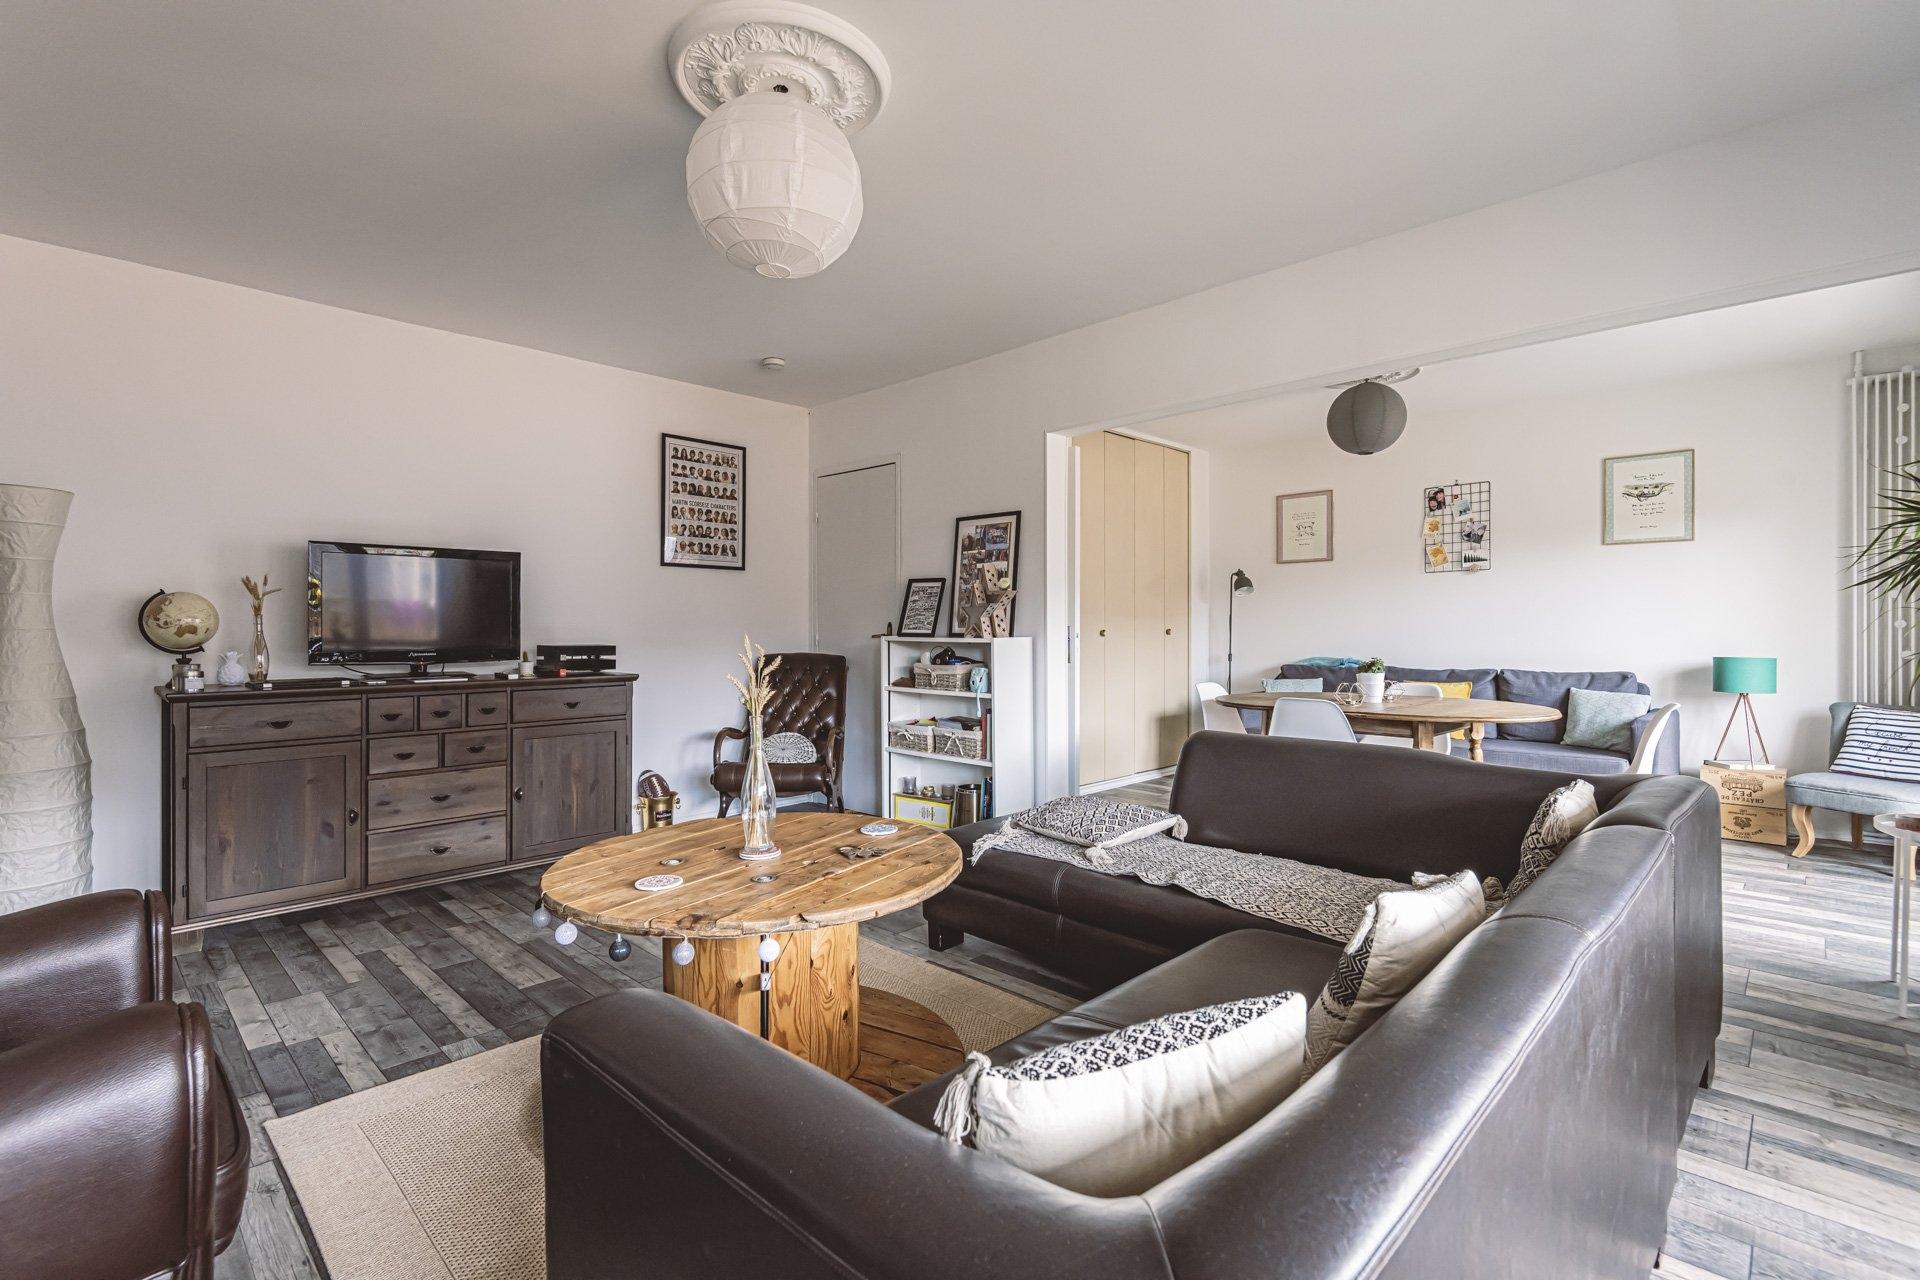 Appartement Reims 3 Pièces 68.3 m2 - Balcon - 1